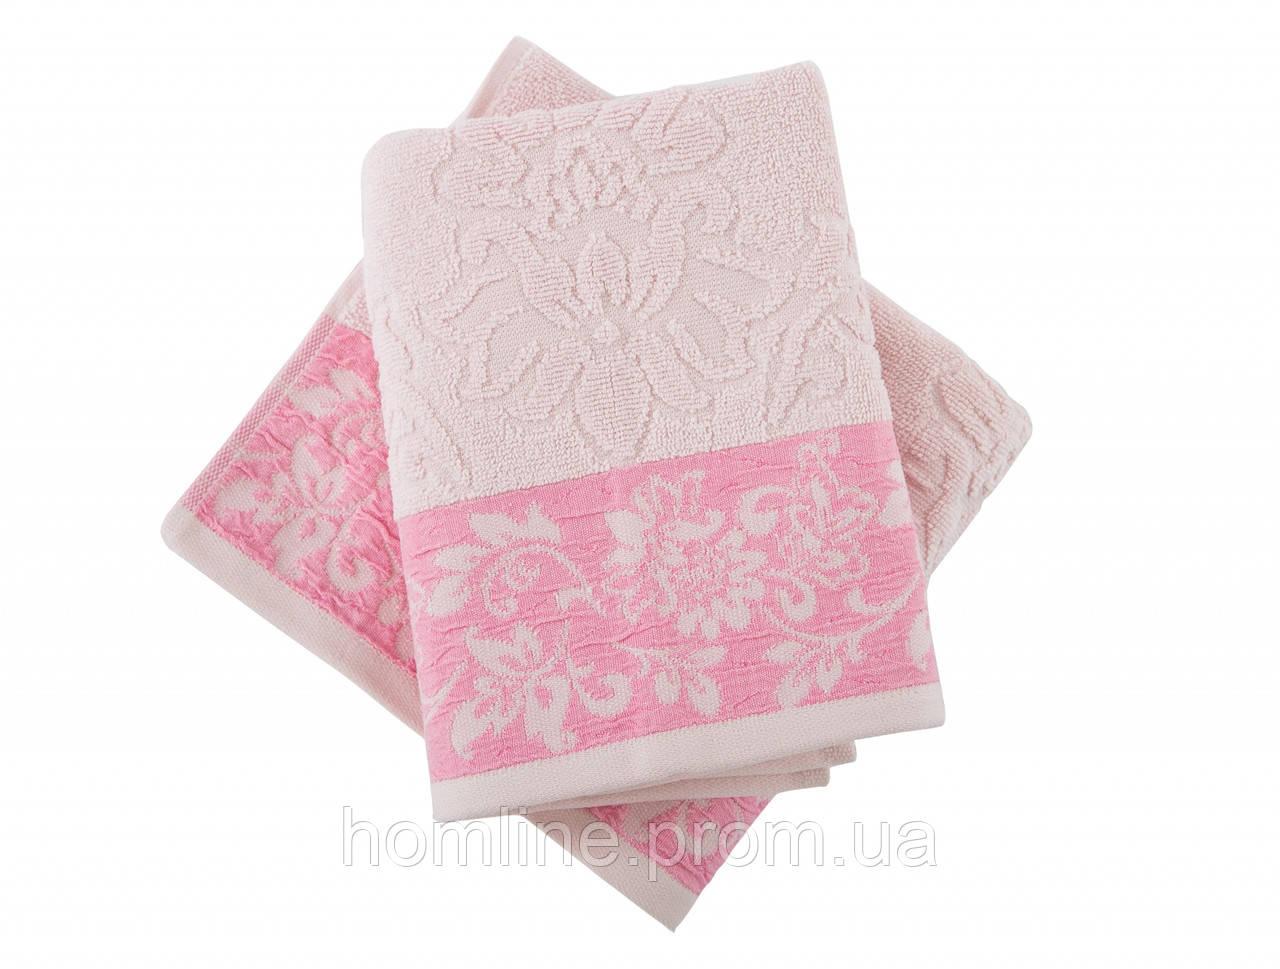 Полотенце махровое Irya Jakarli Scarlet pembe розовый 90*150